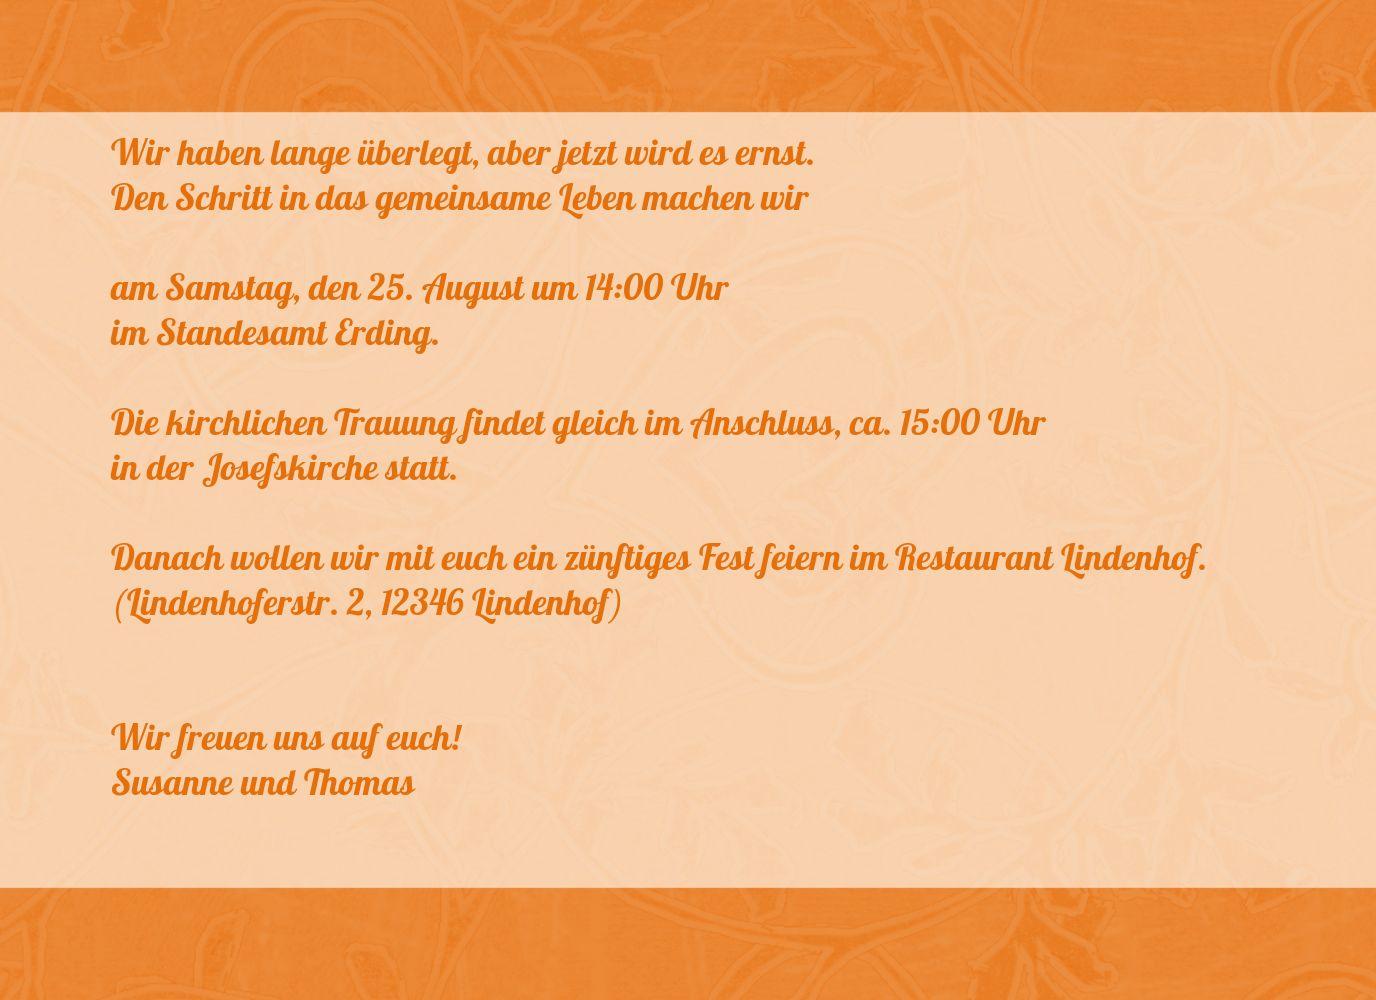 Ansicht 5 - Hochzeit Einladung Hochzeitsglück